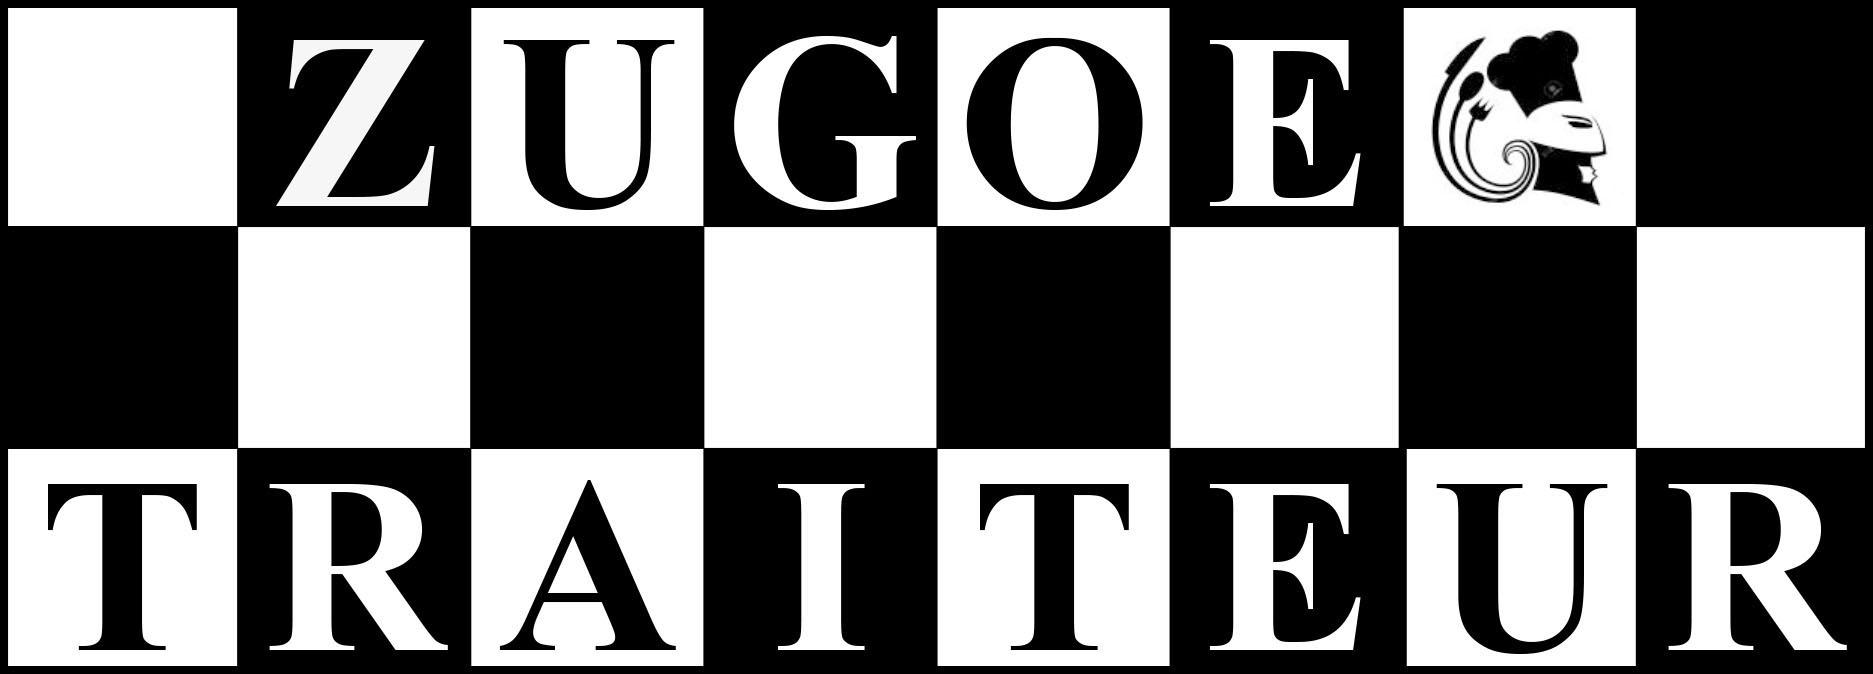 TRAITEUR ZUGOE - Livraison à domicile, commandez en ligne